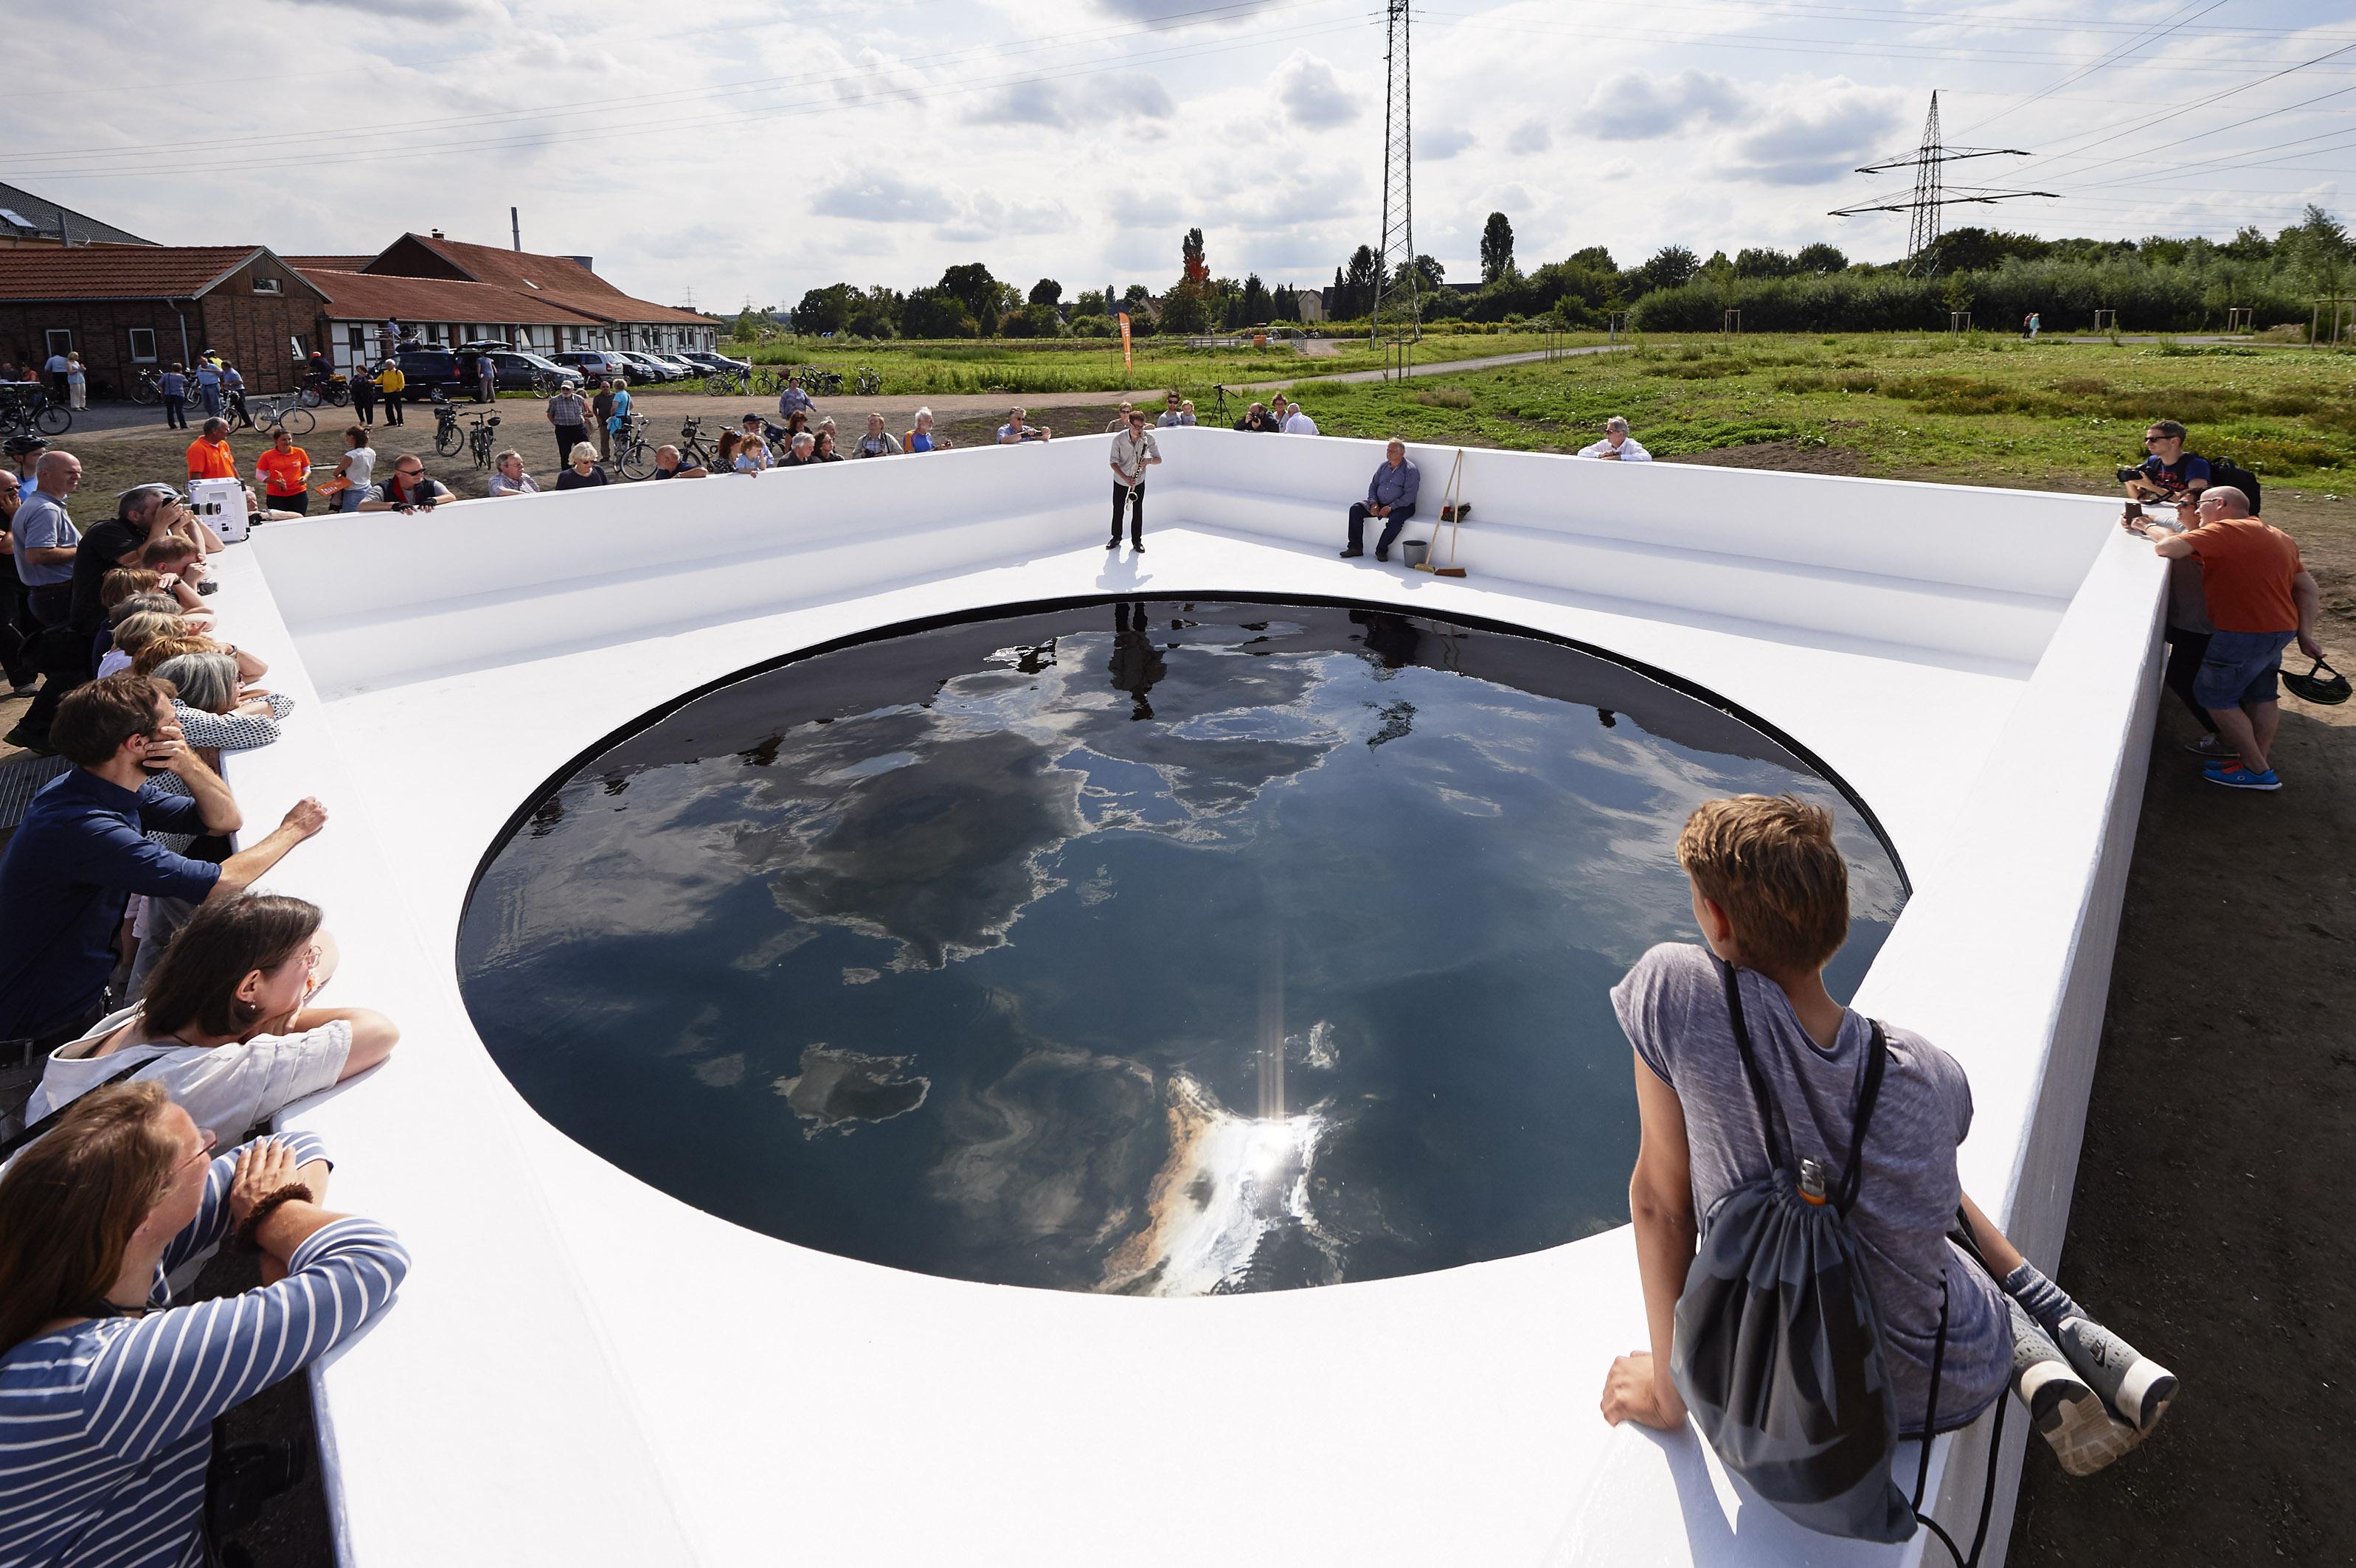 Wolken spiegeln sich in der schwarzen Oberfläche des Pool, der als Löschteich für den Emschertalhof genutzt werden wird